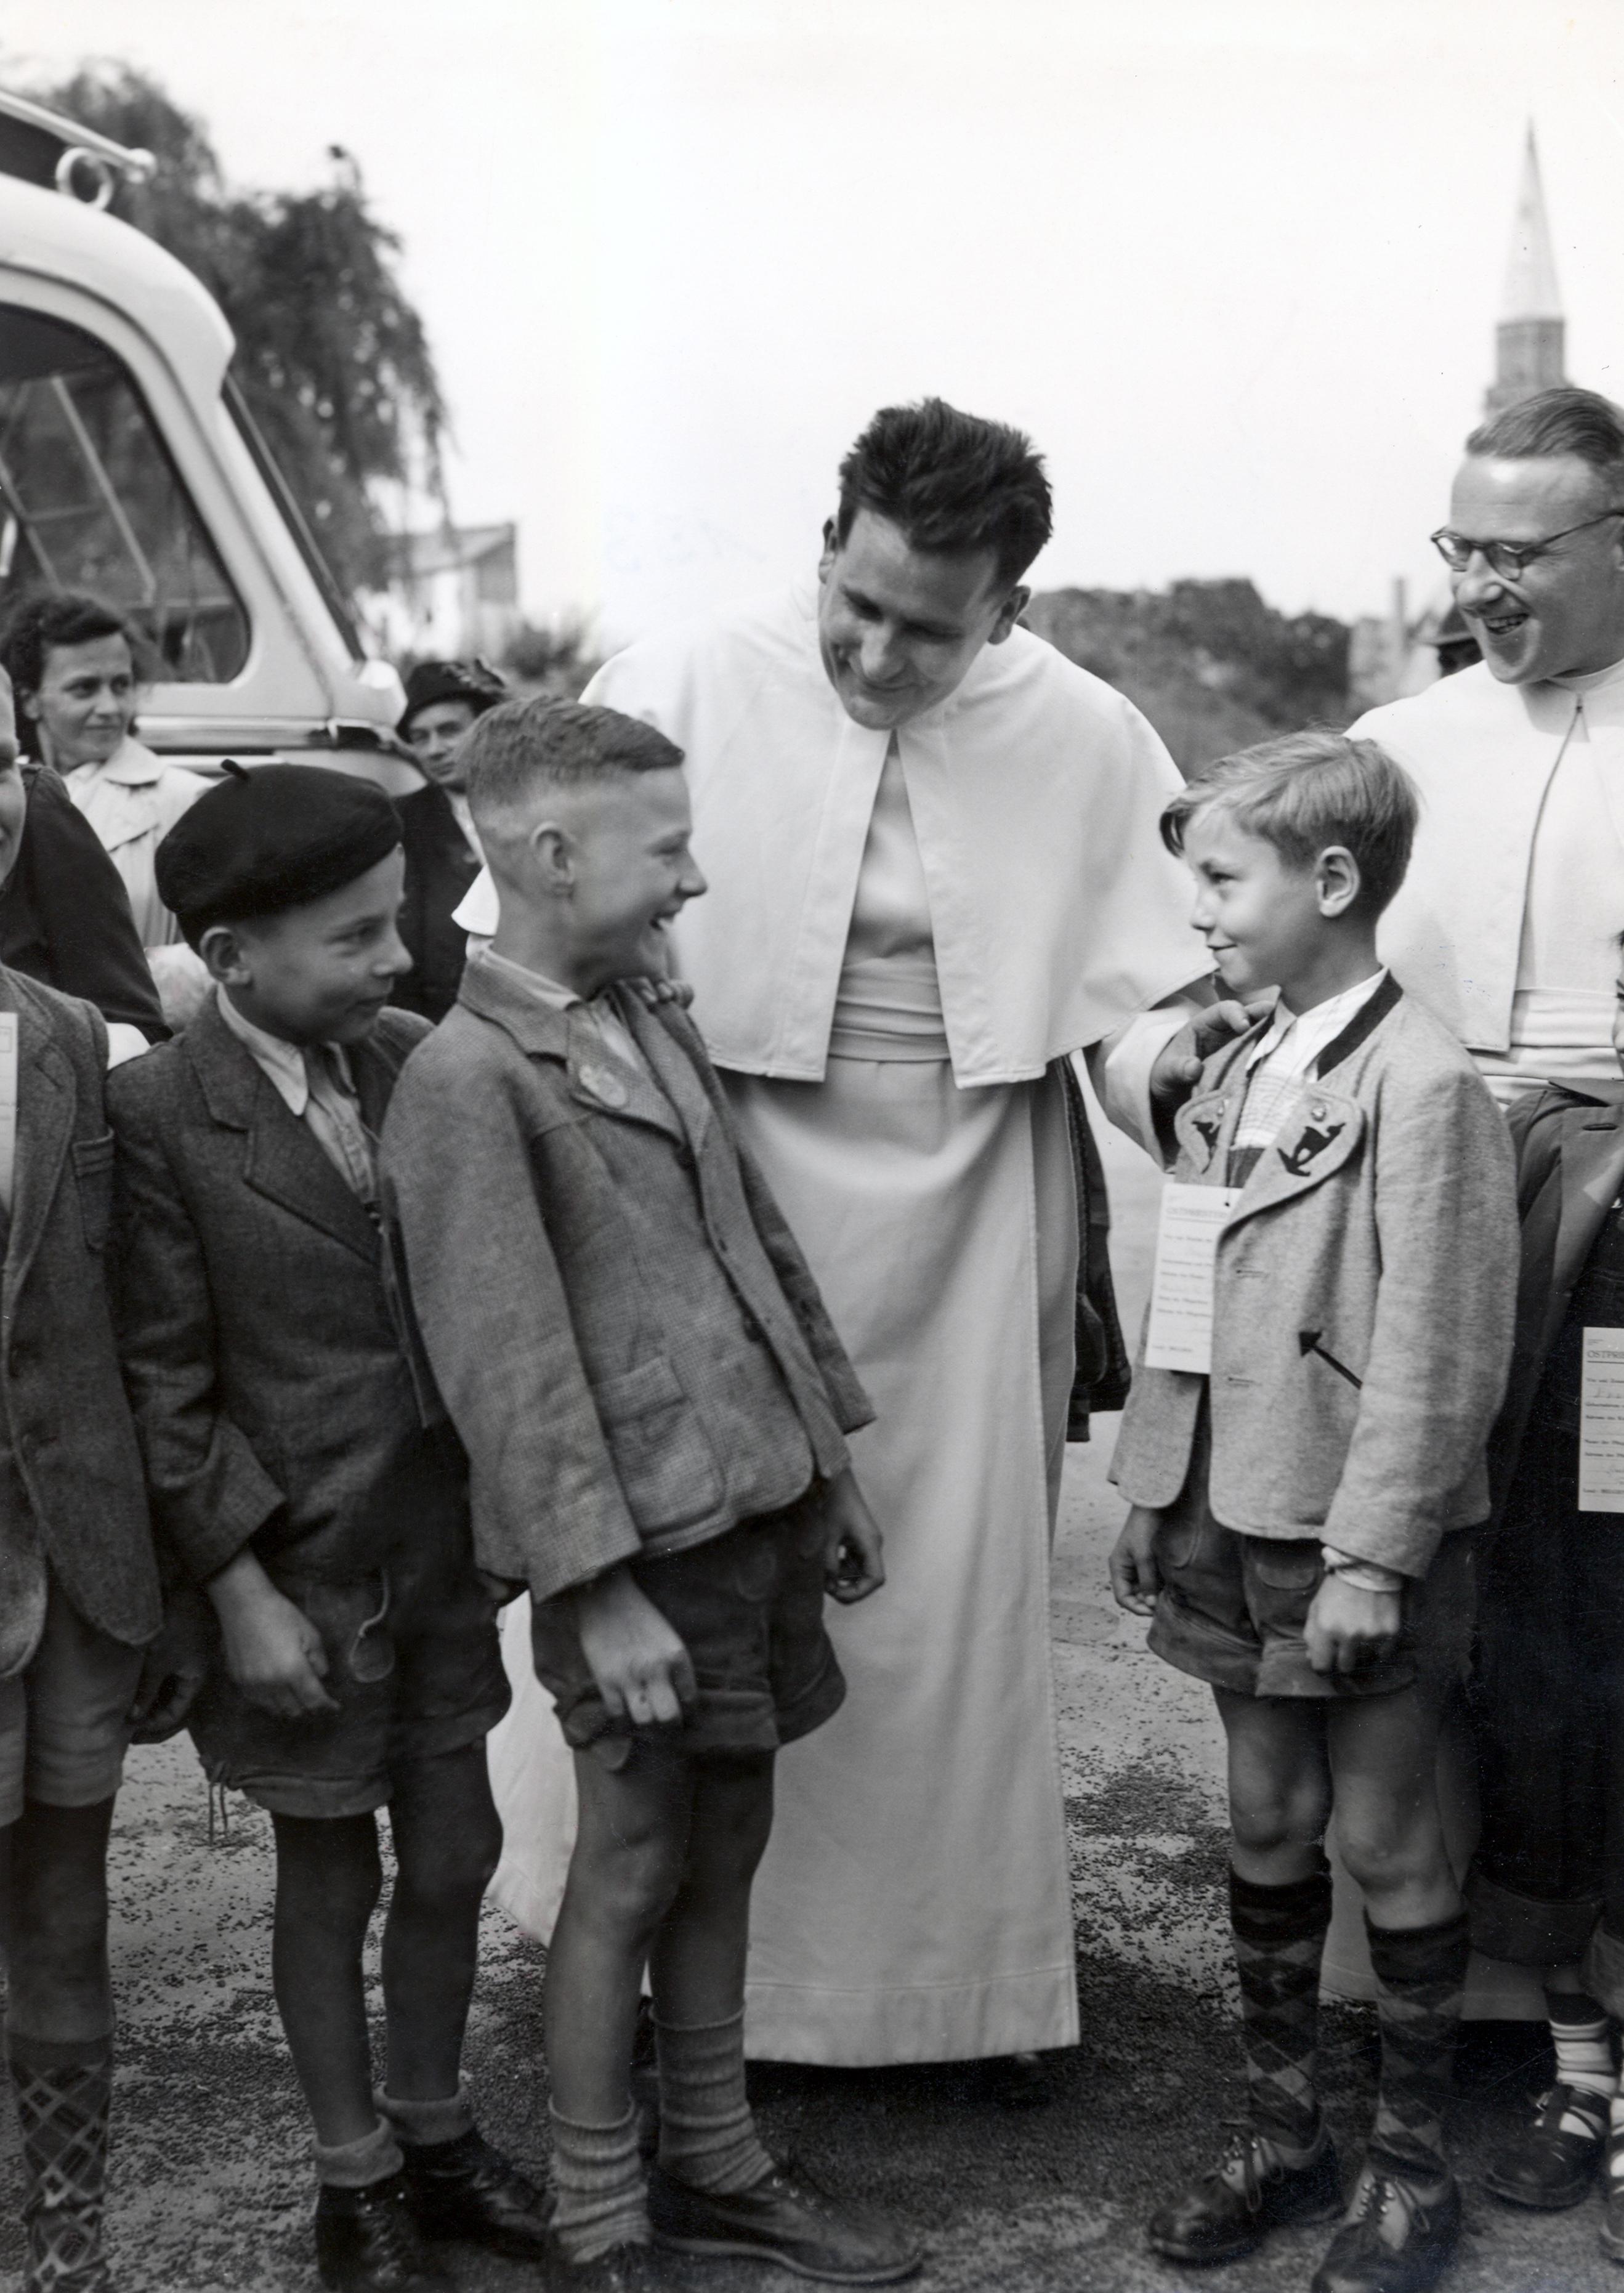 En esta Navidad recordamos el mensaje de paz y reconciliación del Padre Werenfried, fundador de ACN